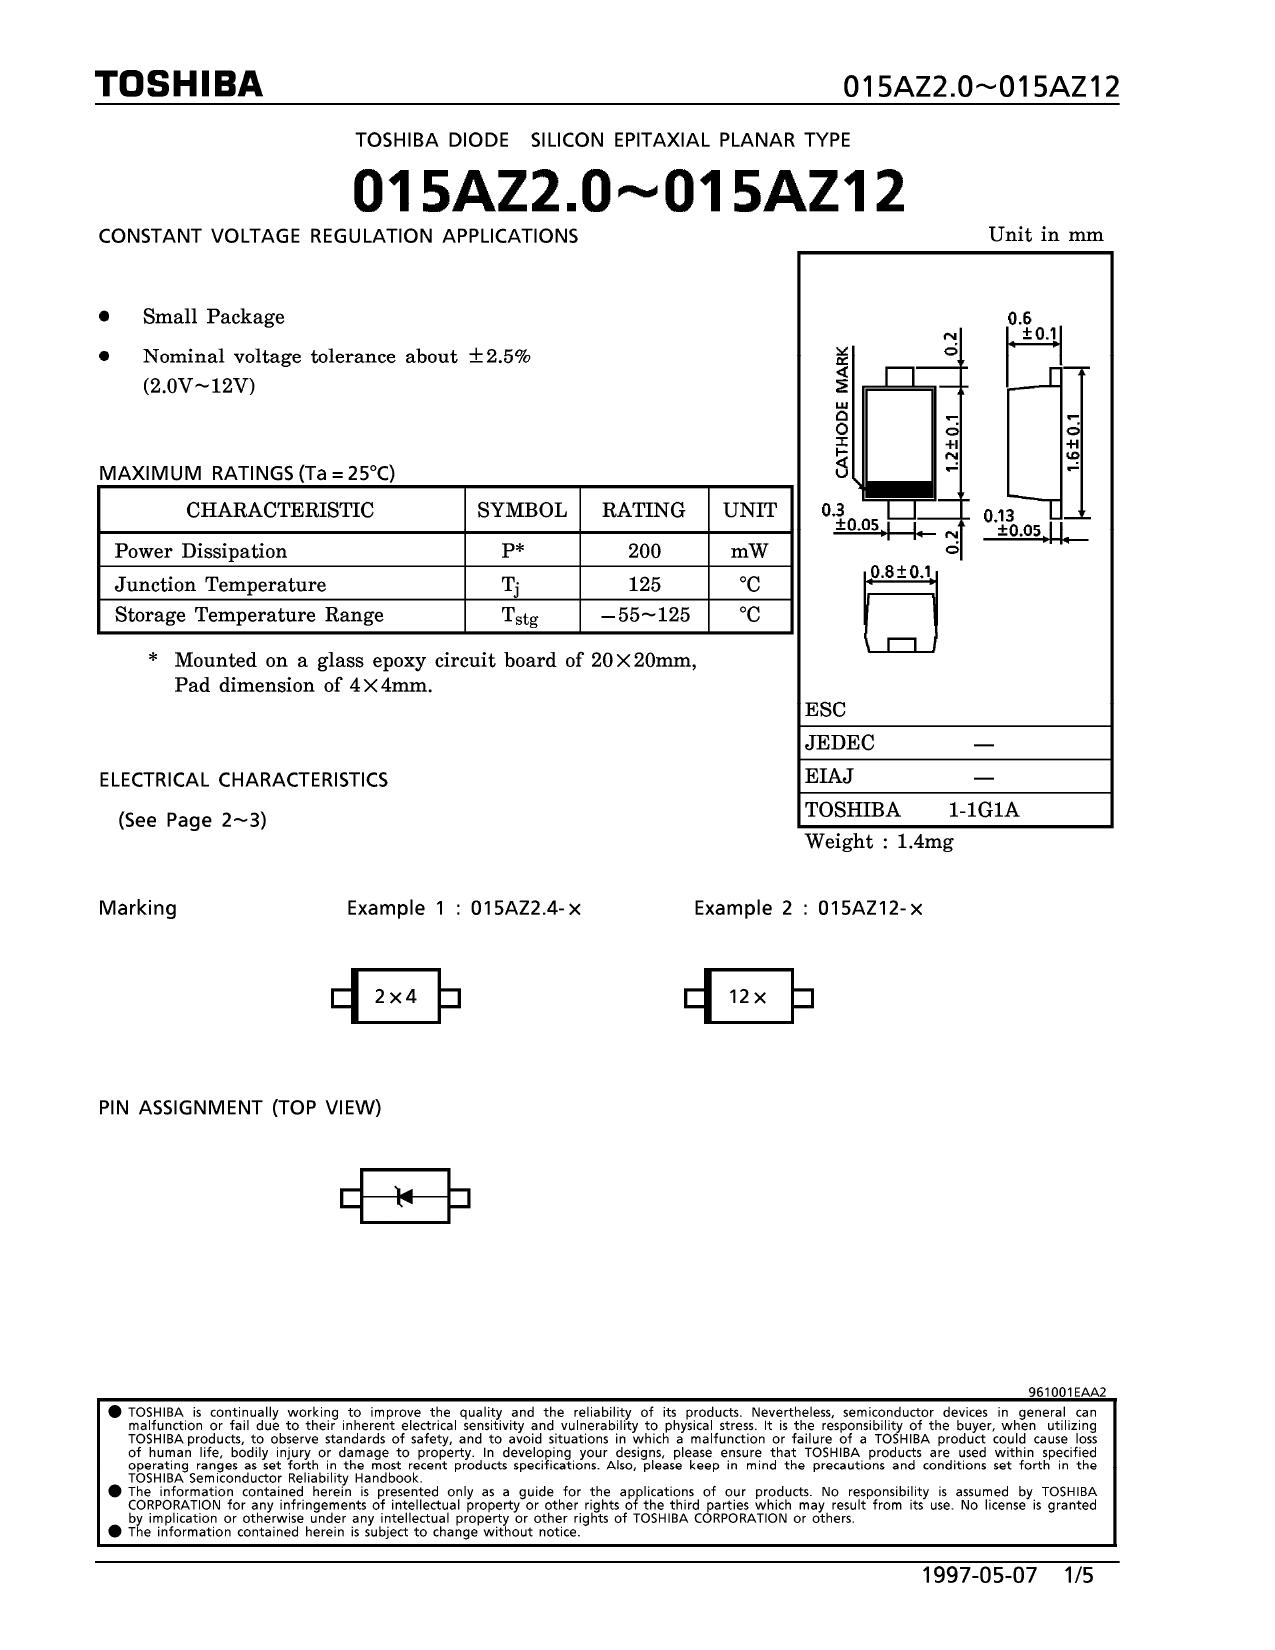 015A2.0 datasheet